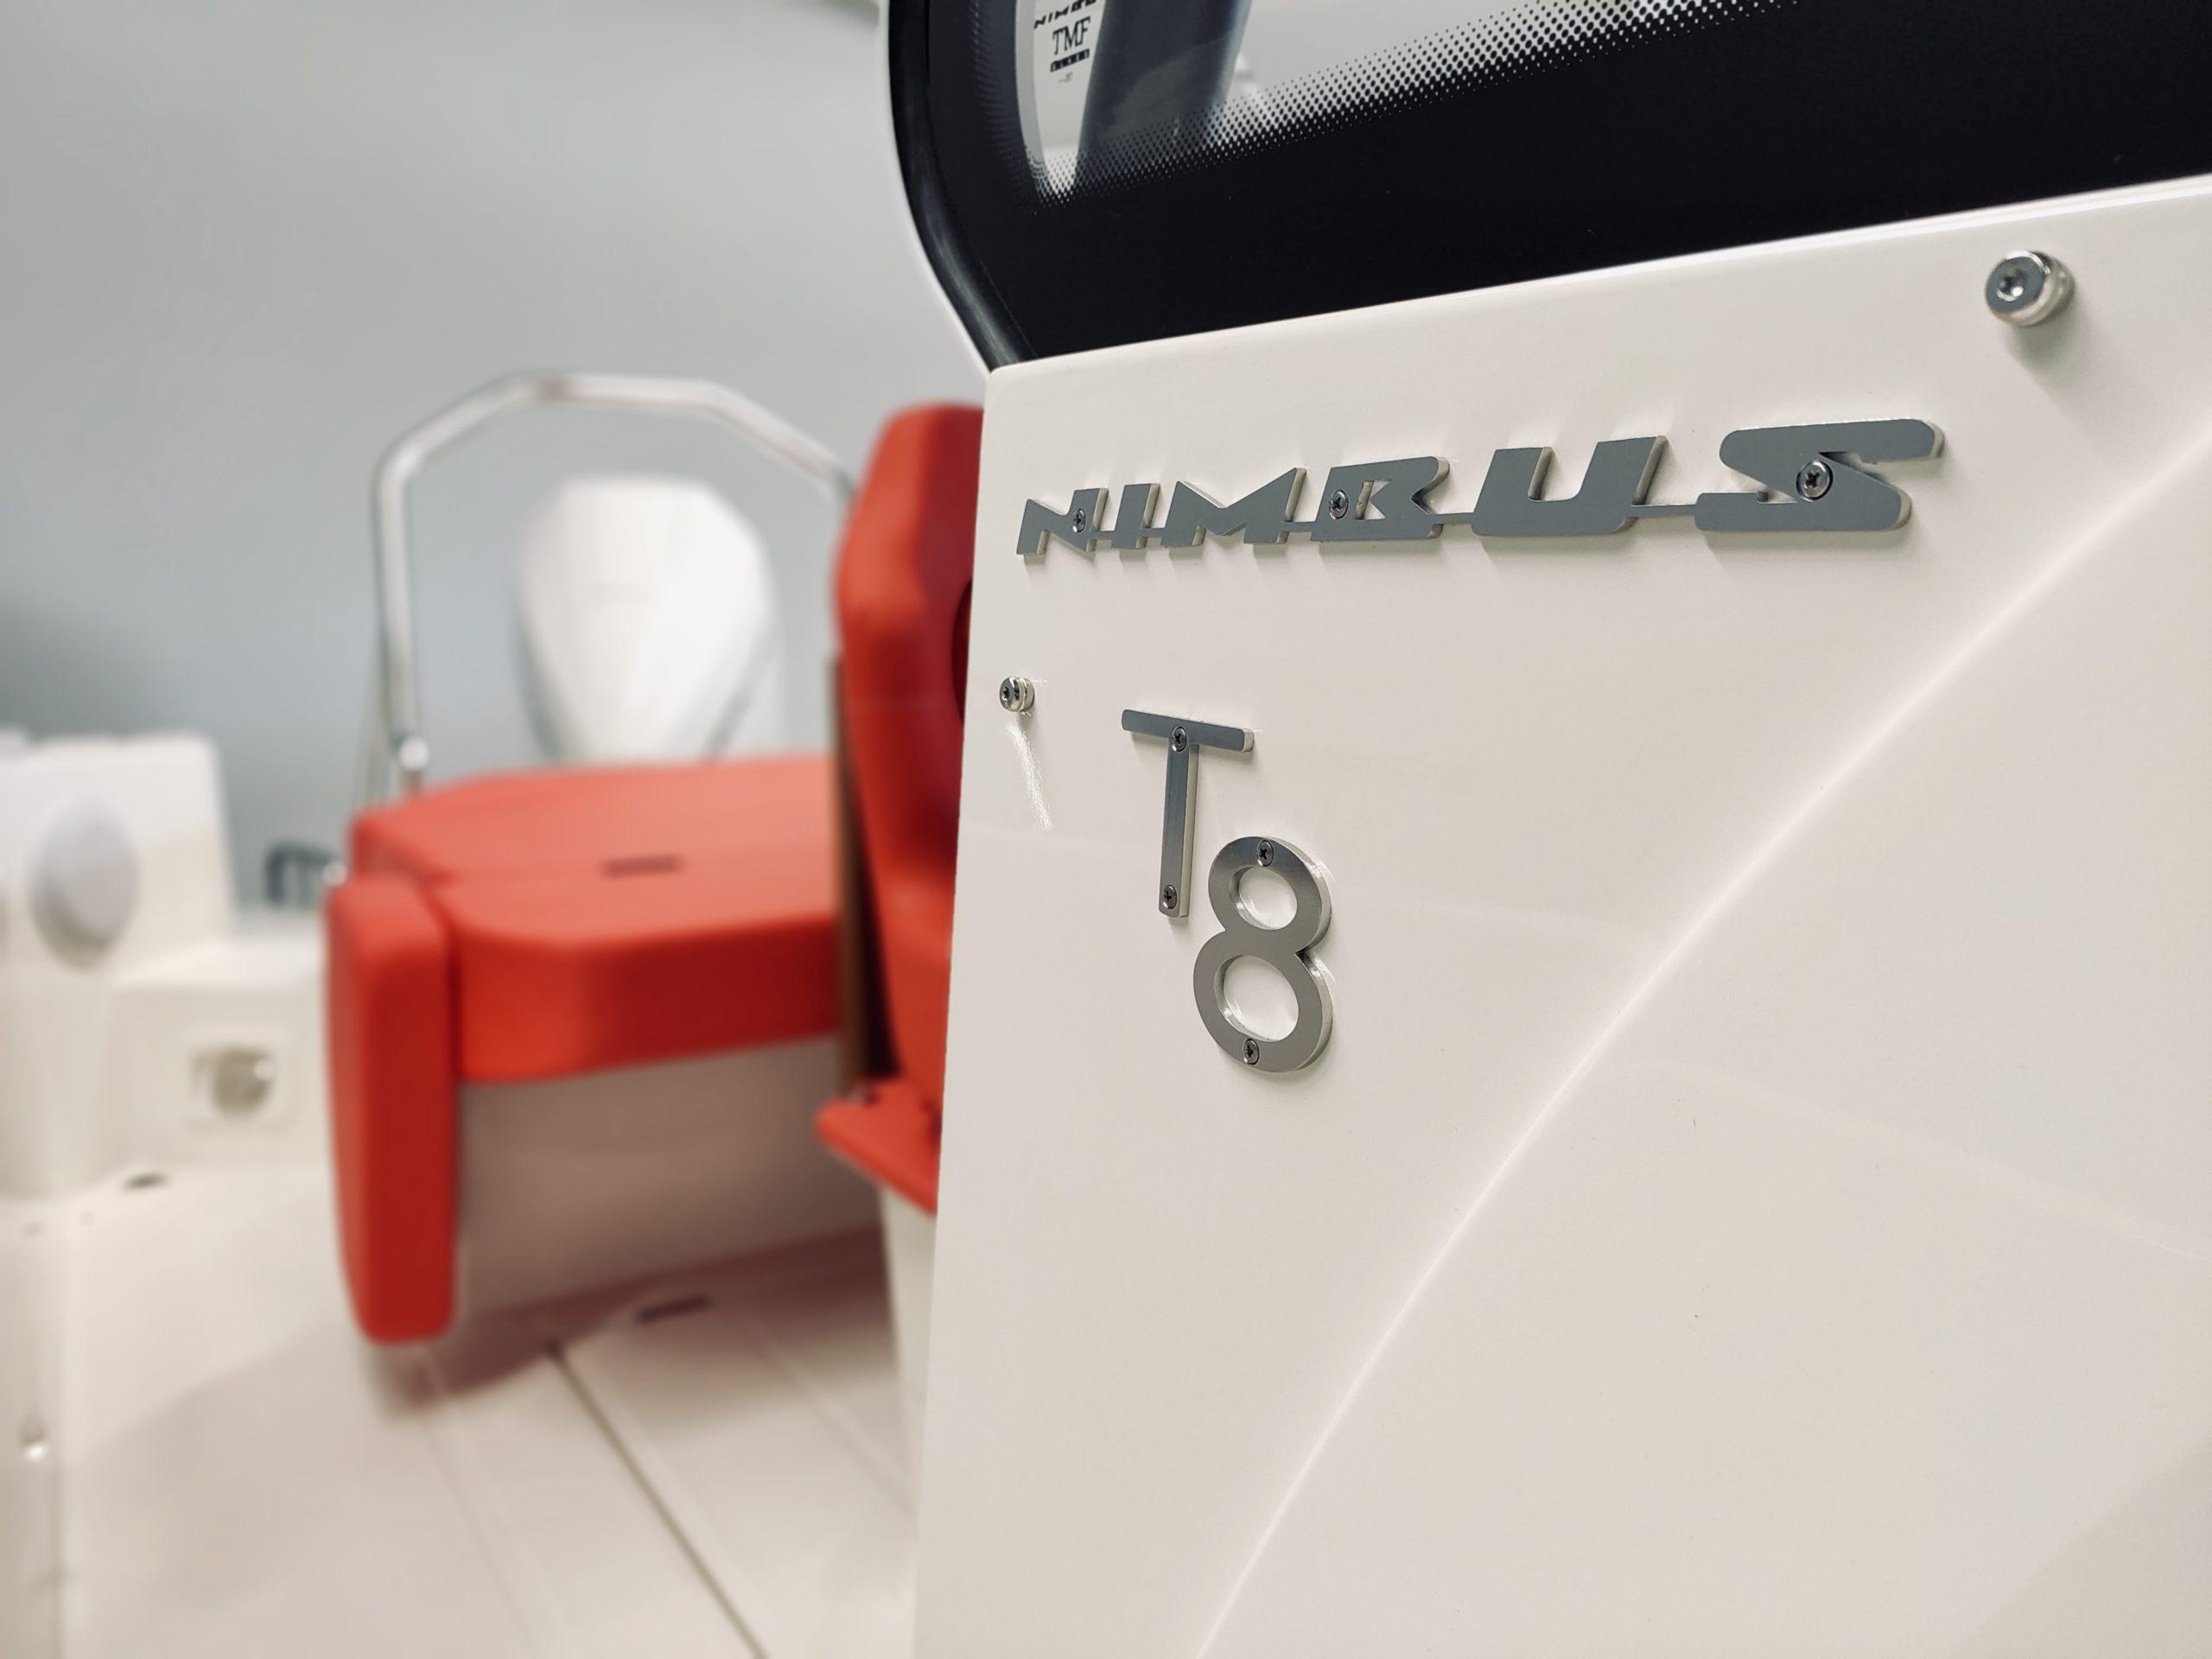 Nimbus T8